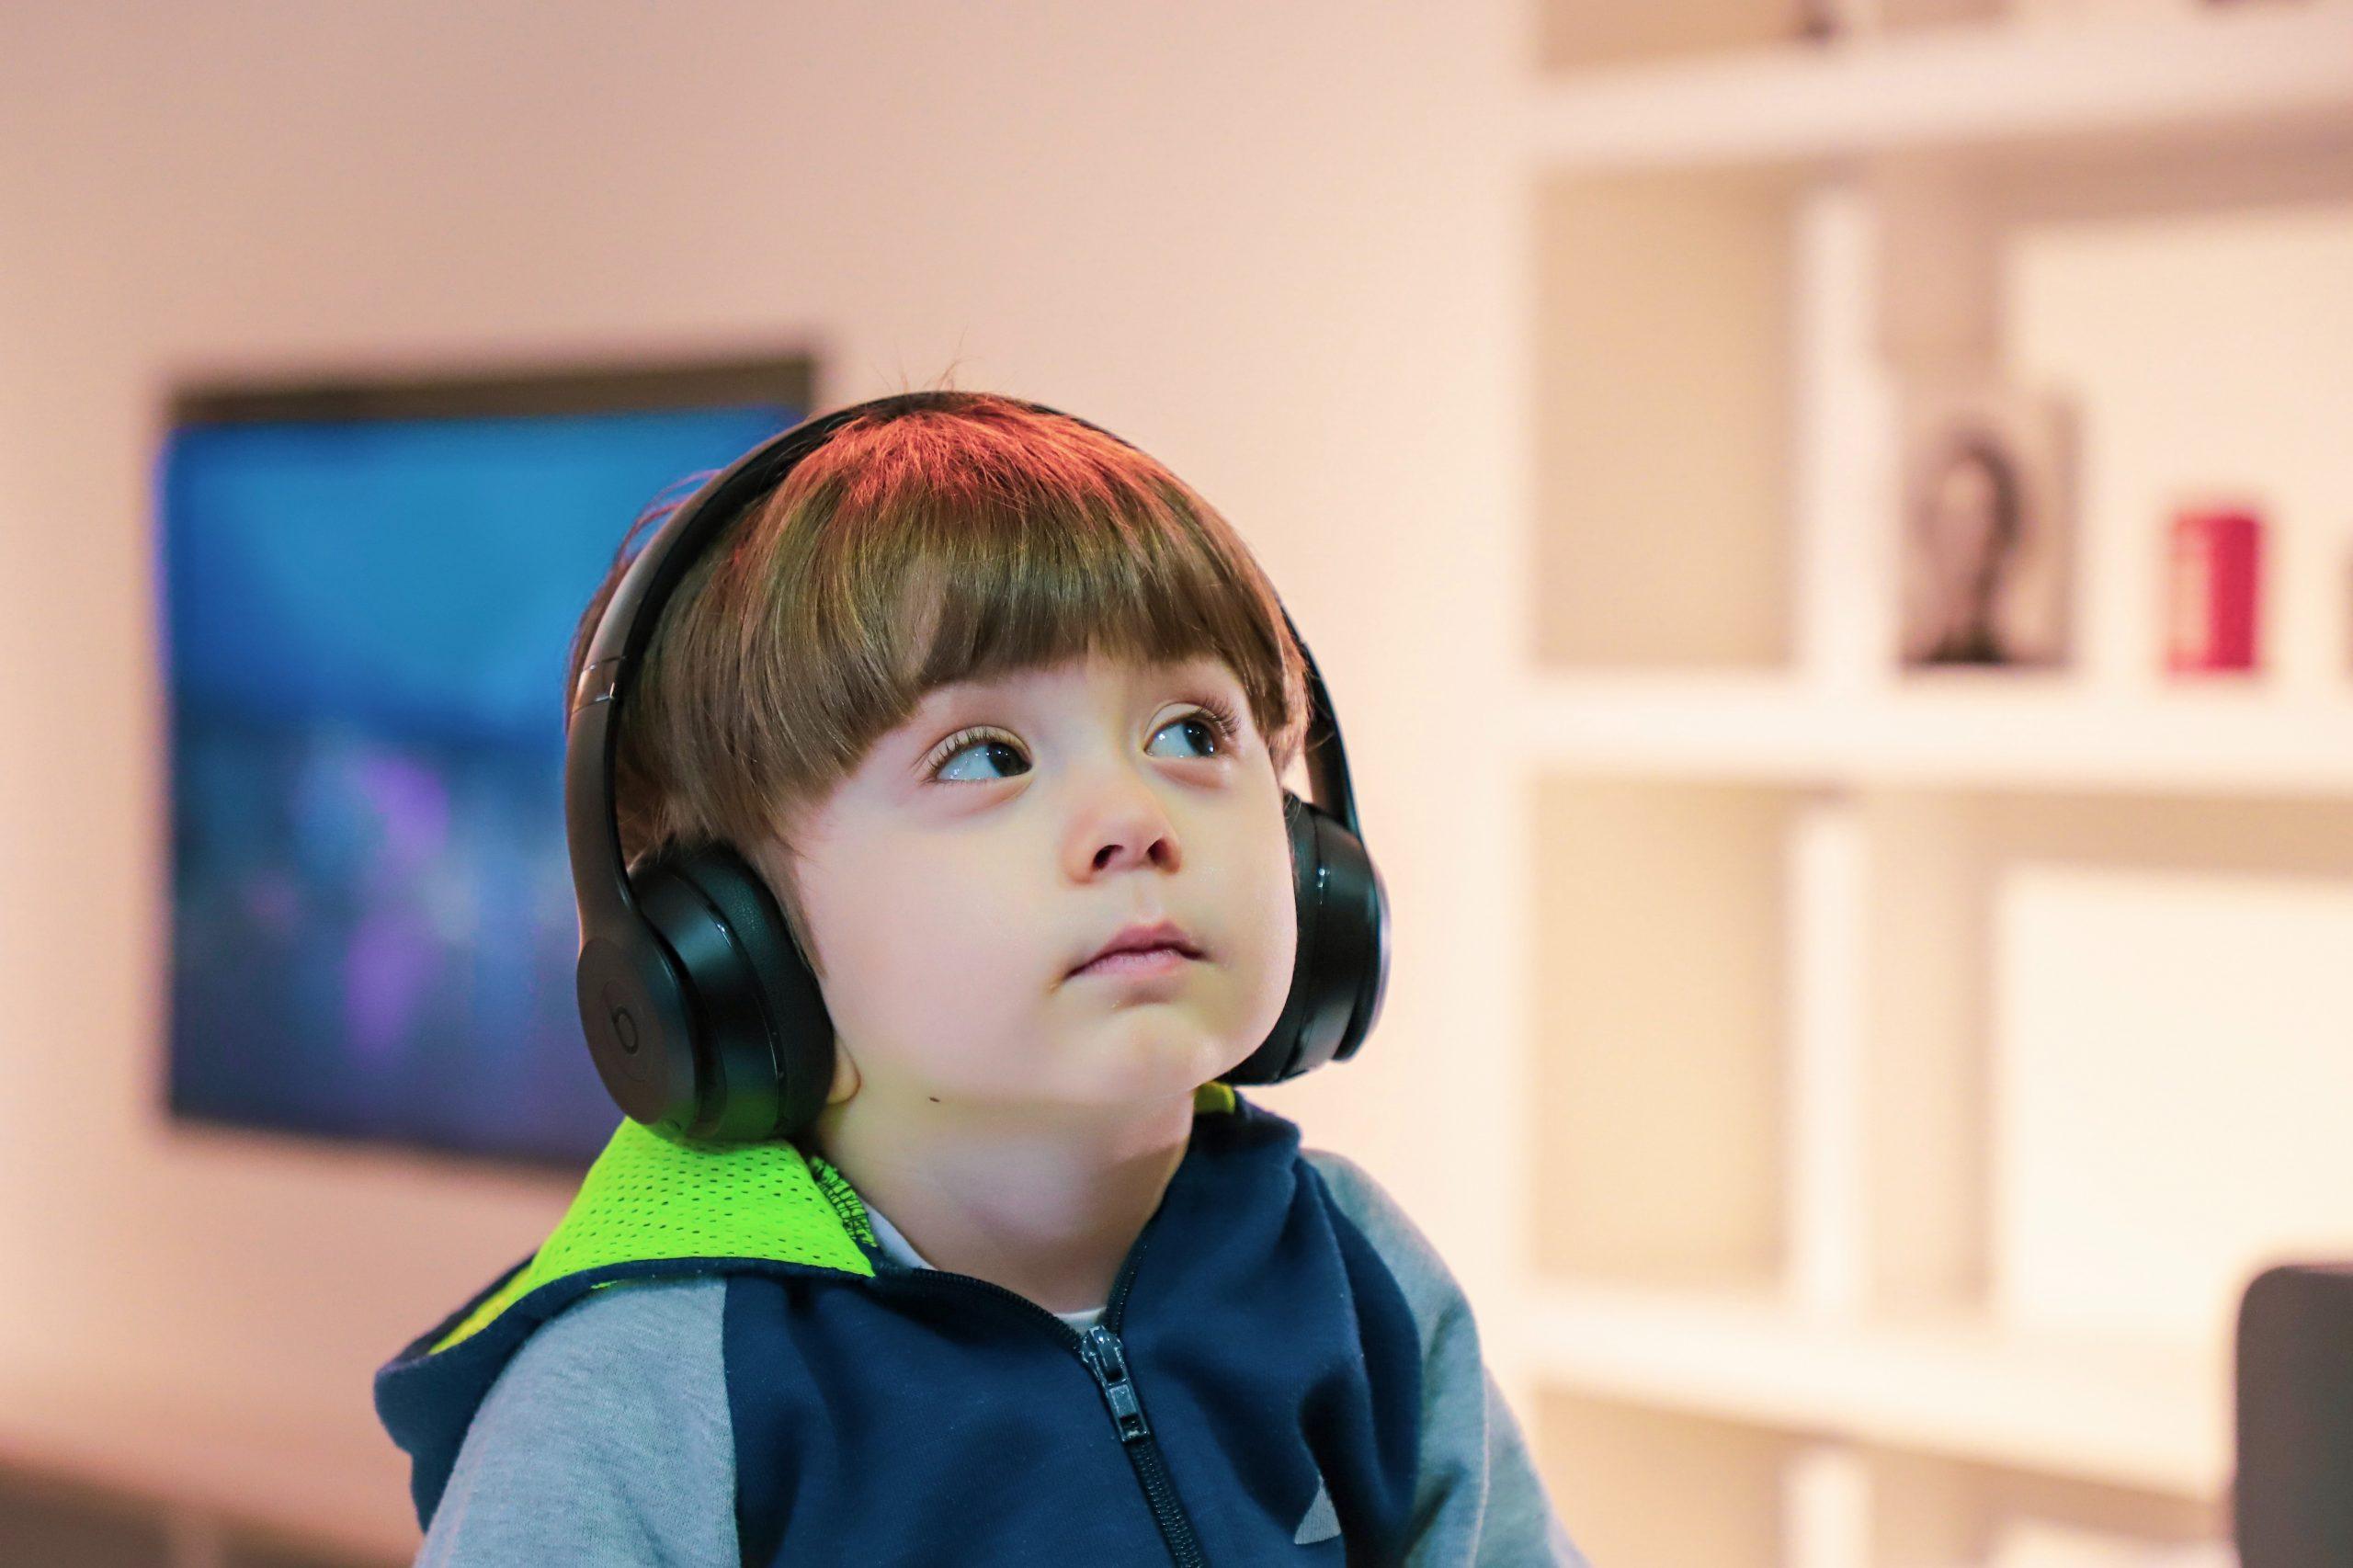 chico con auriculares